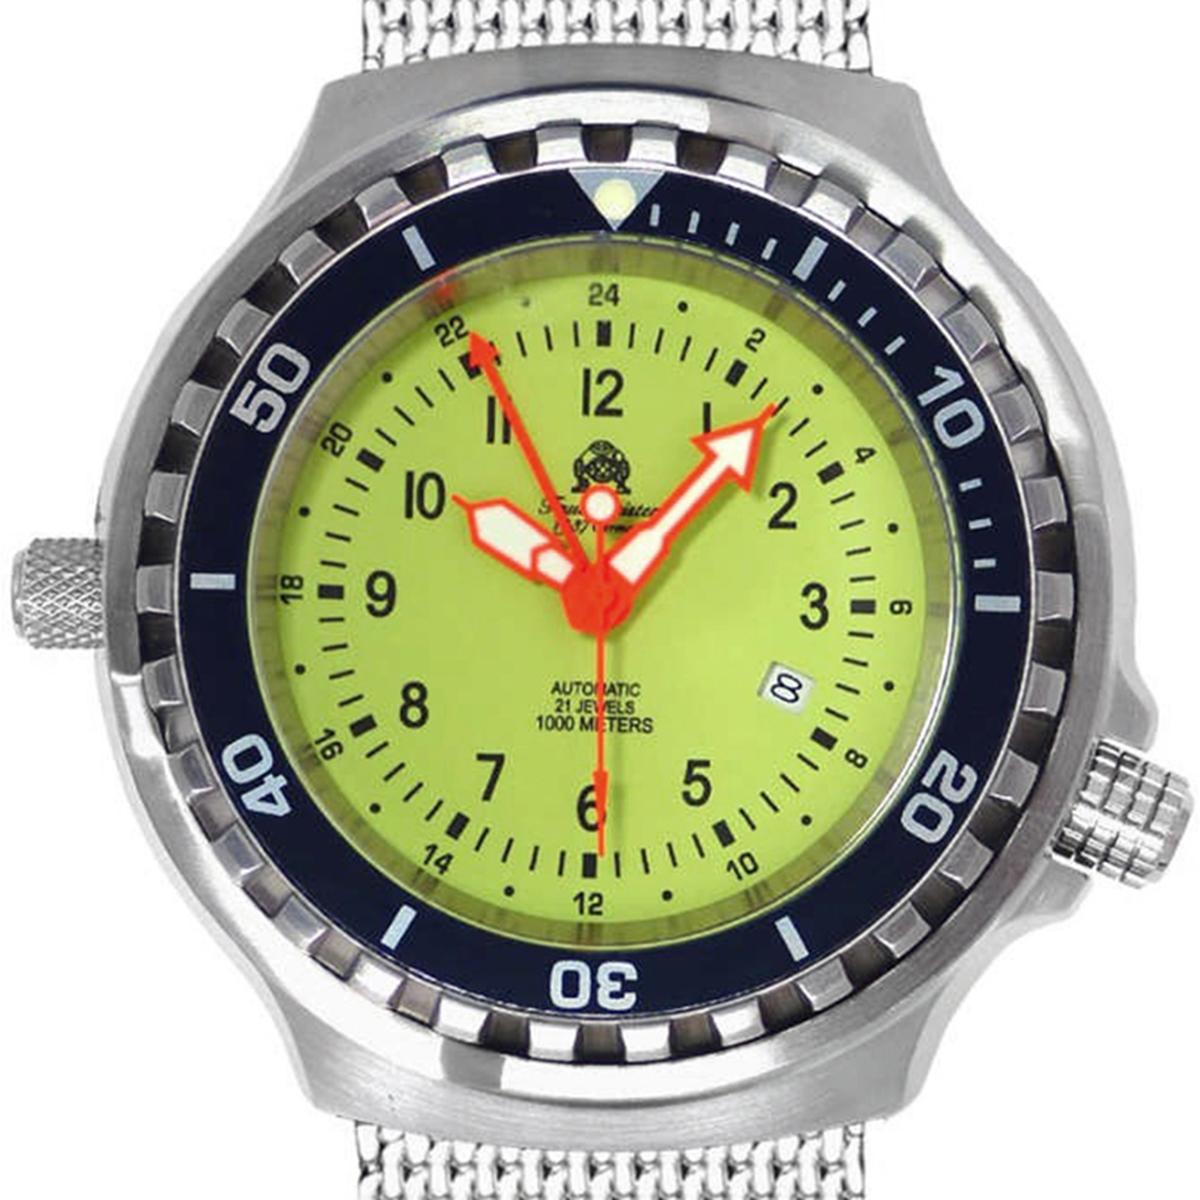 Tauchmeister 1937 トーチマイスター1937 自動巻き(手巻き機能あり) 腕時計 [T0313MIL] 並行輸入品  デイト ダイバーズ ヘリウムエスケープバルブ